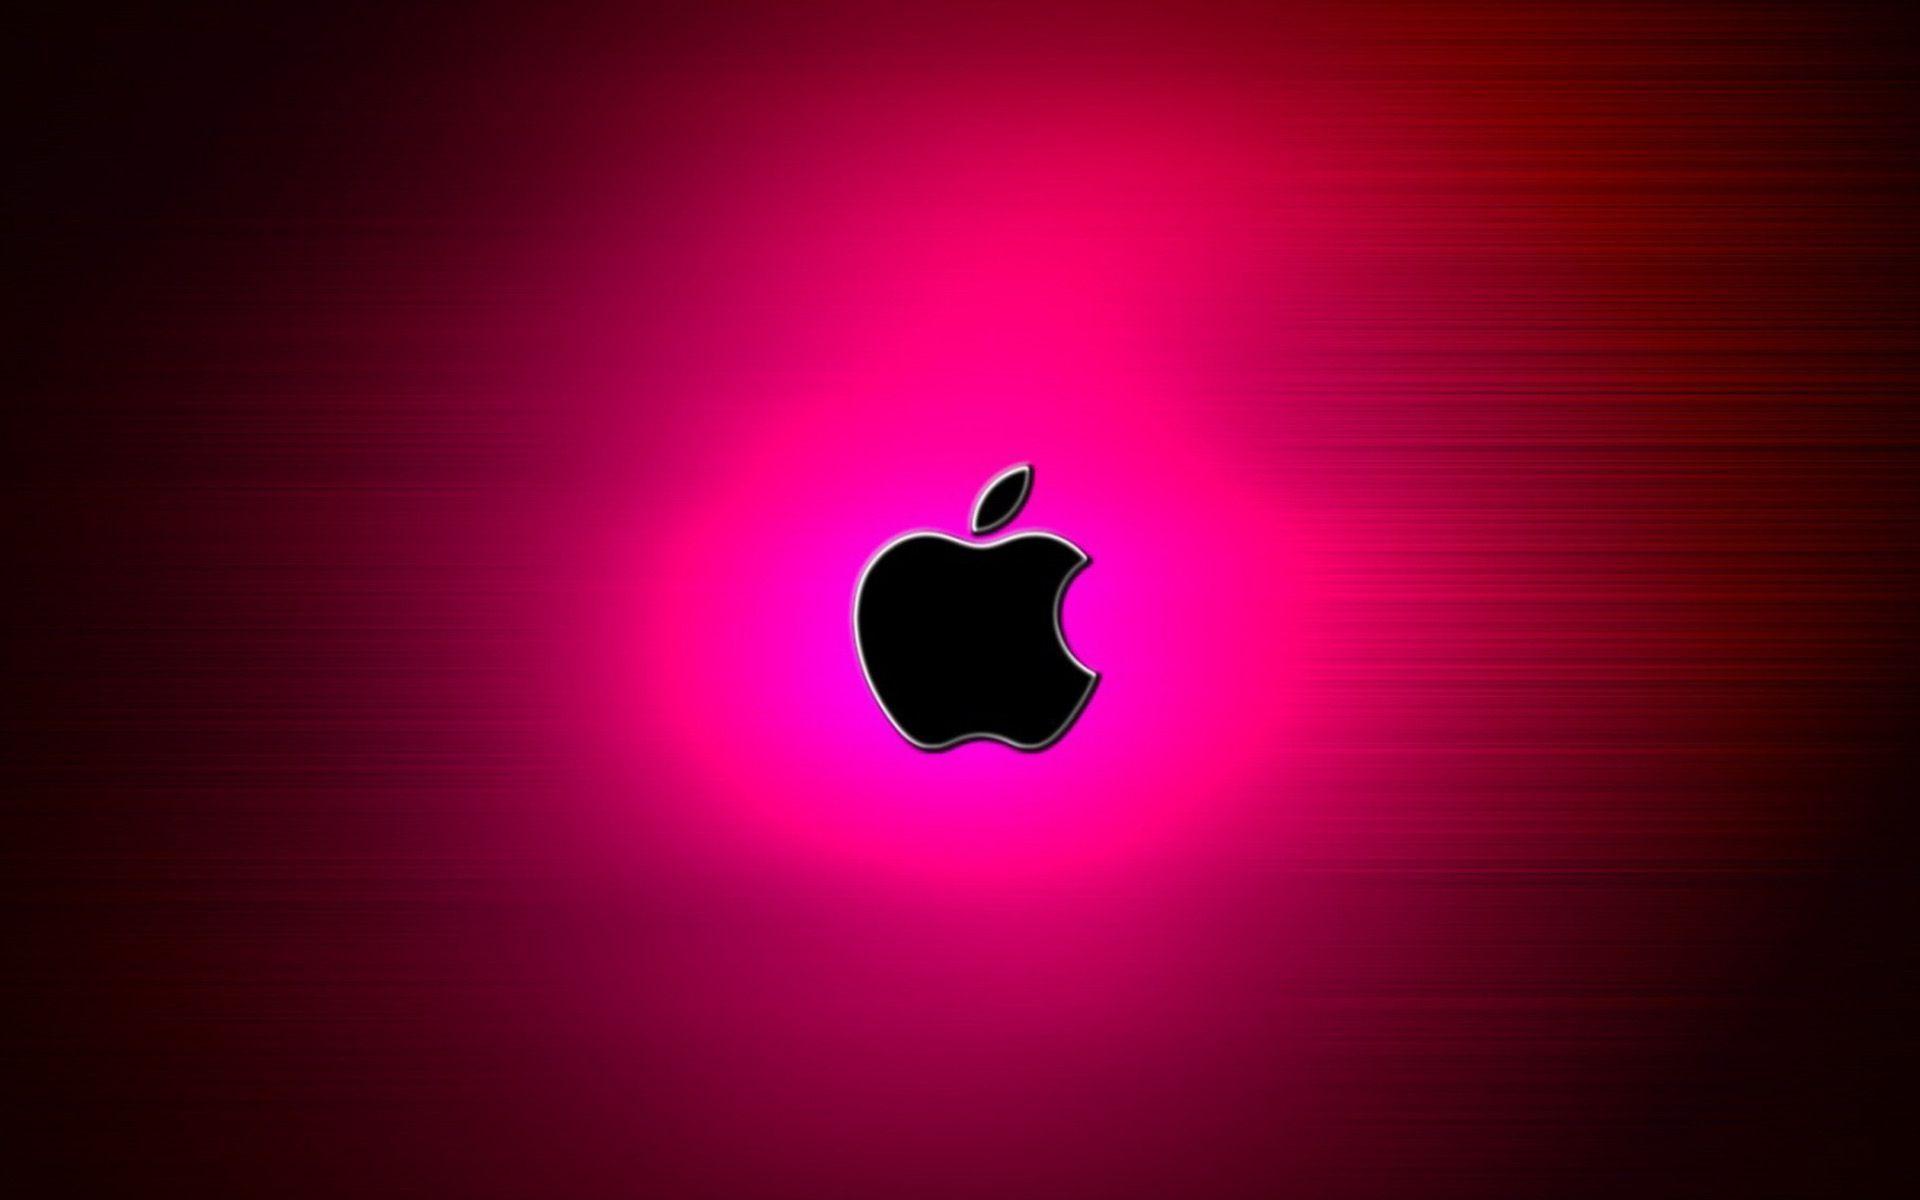 Apple Pink HD Desktop Wallpapers 3199 - Amazing Wallpaperz